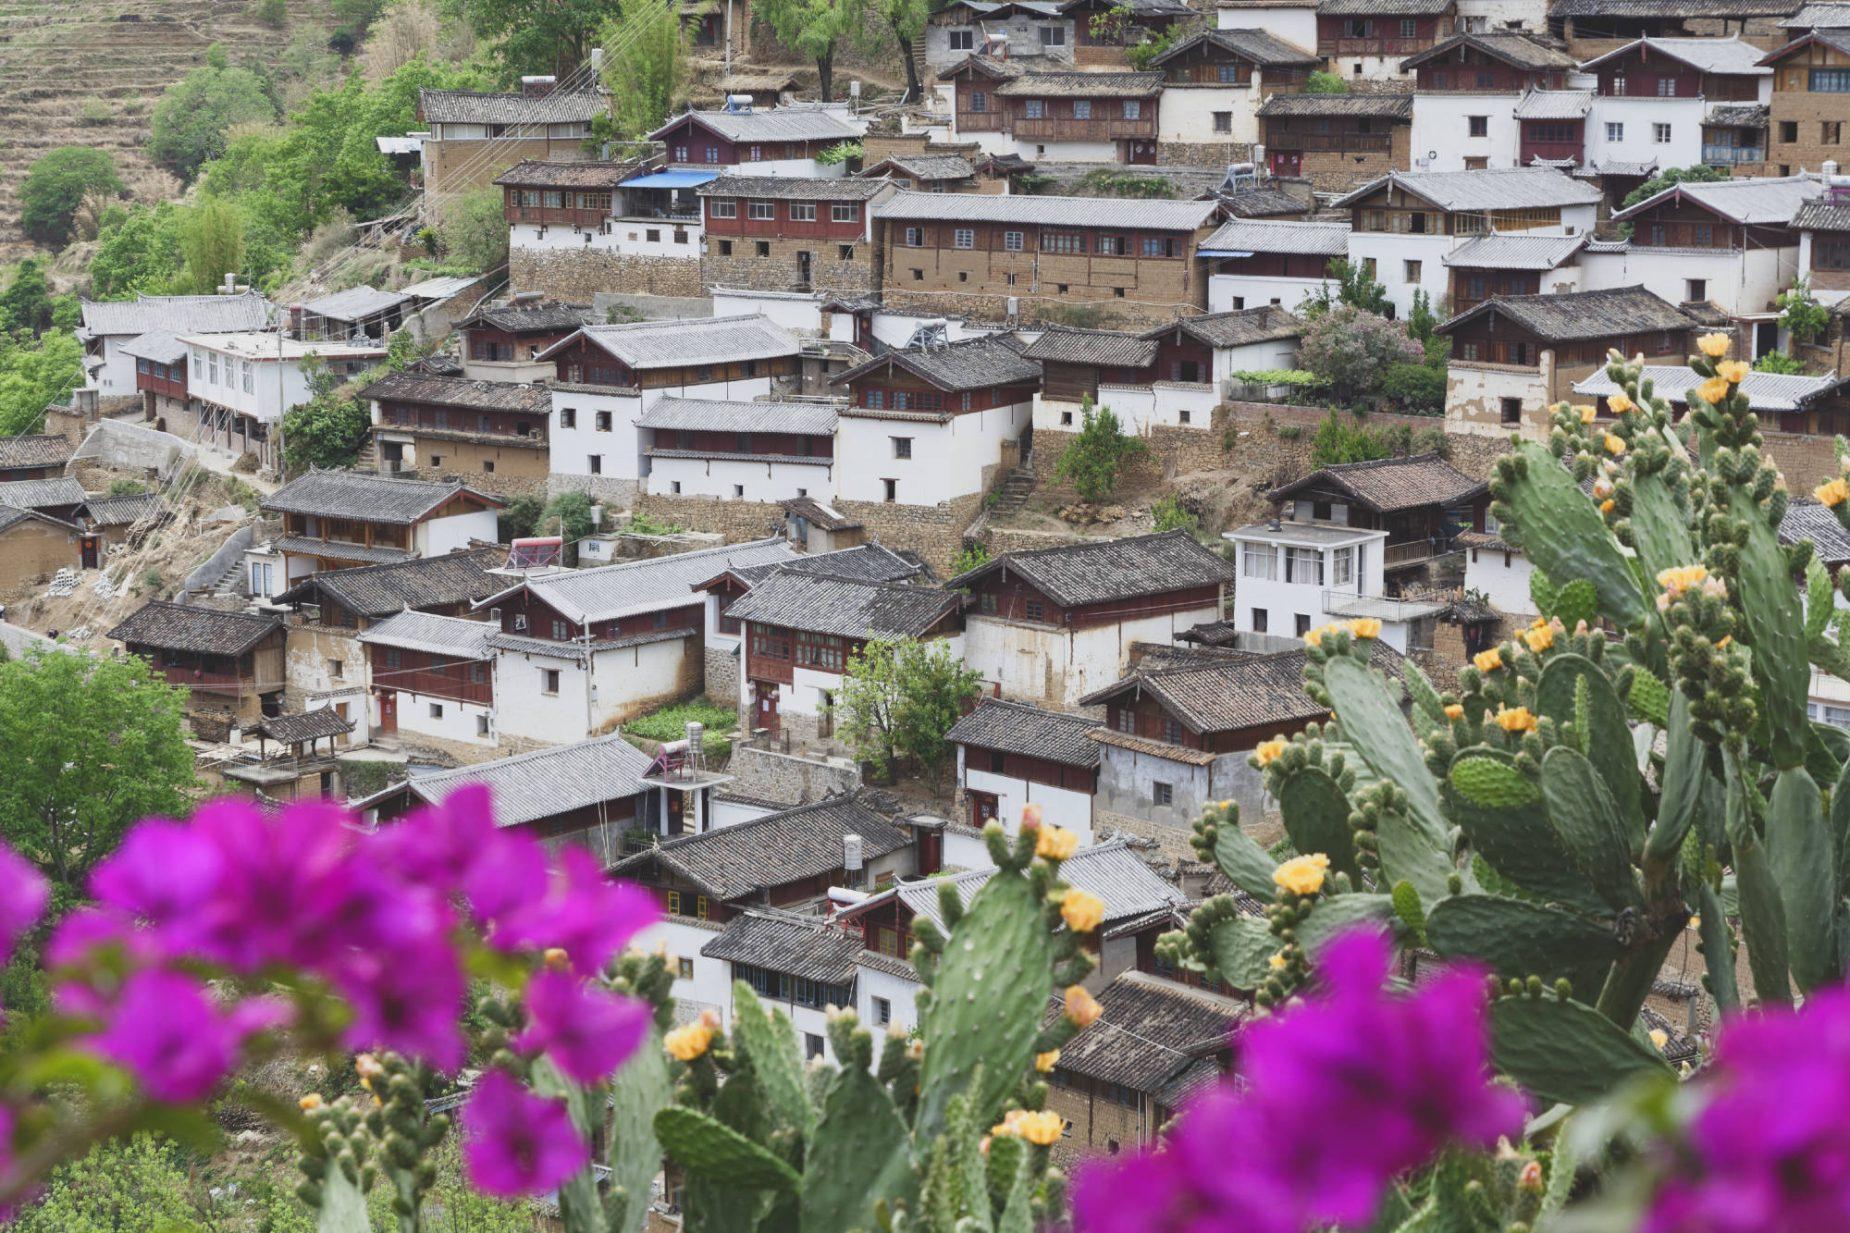 Village de Baoshan, cactus et bougainvilliers